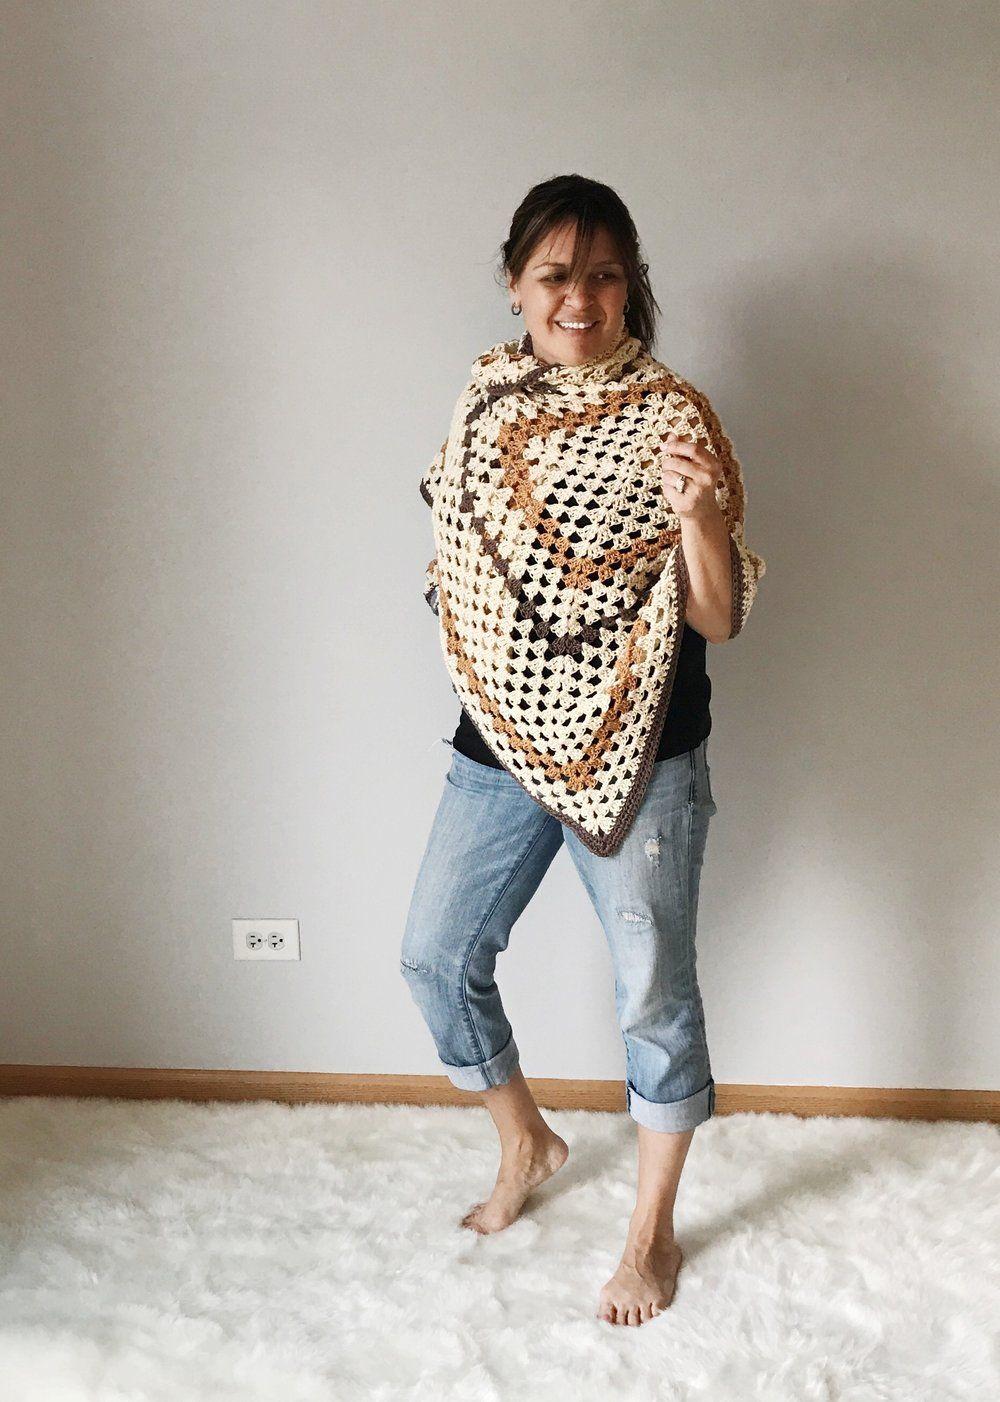 Sedona Granny Stitch Poncho Free Crochet Pattern | Crochet ...